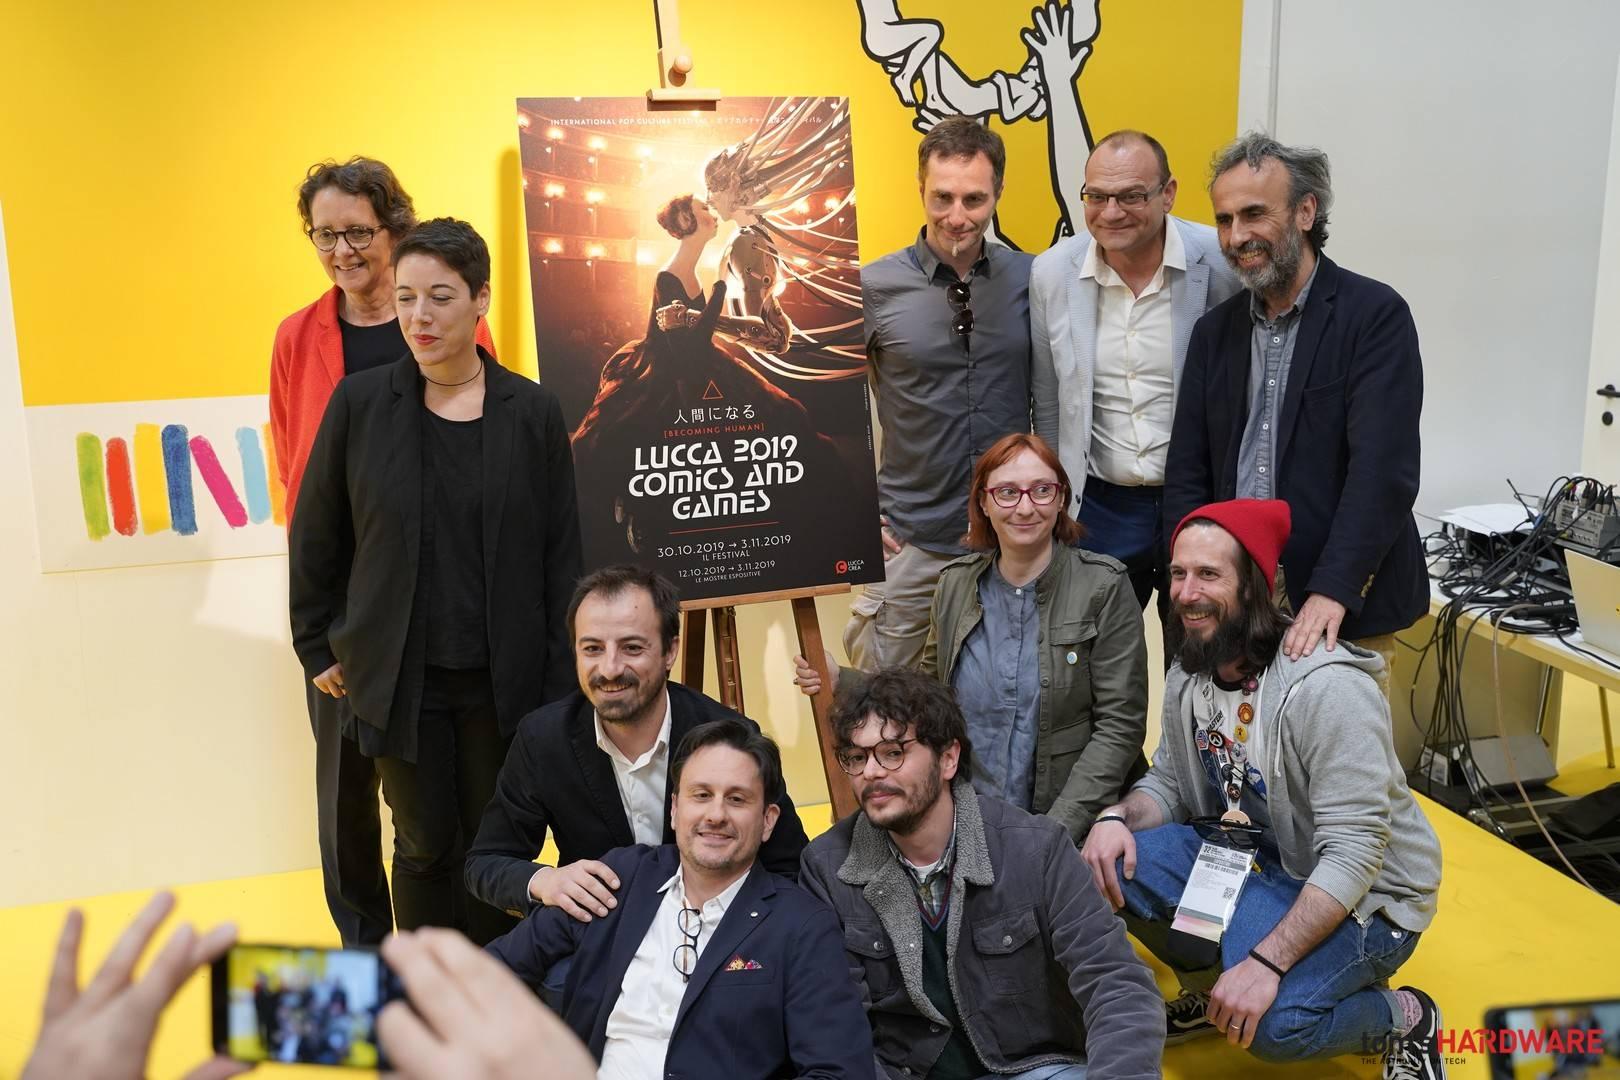 Lucca Comics&Games 2019